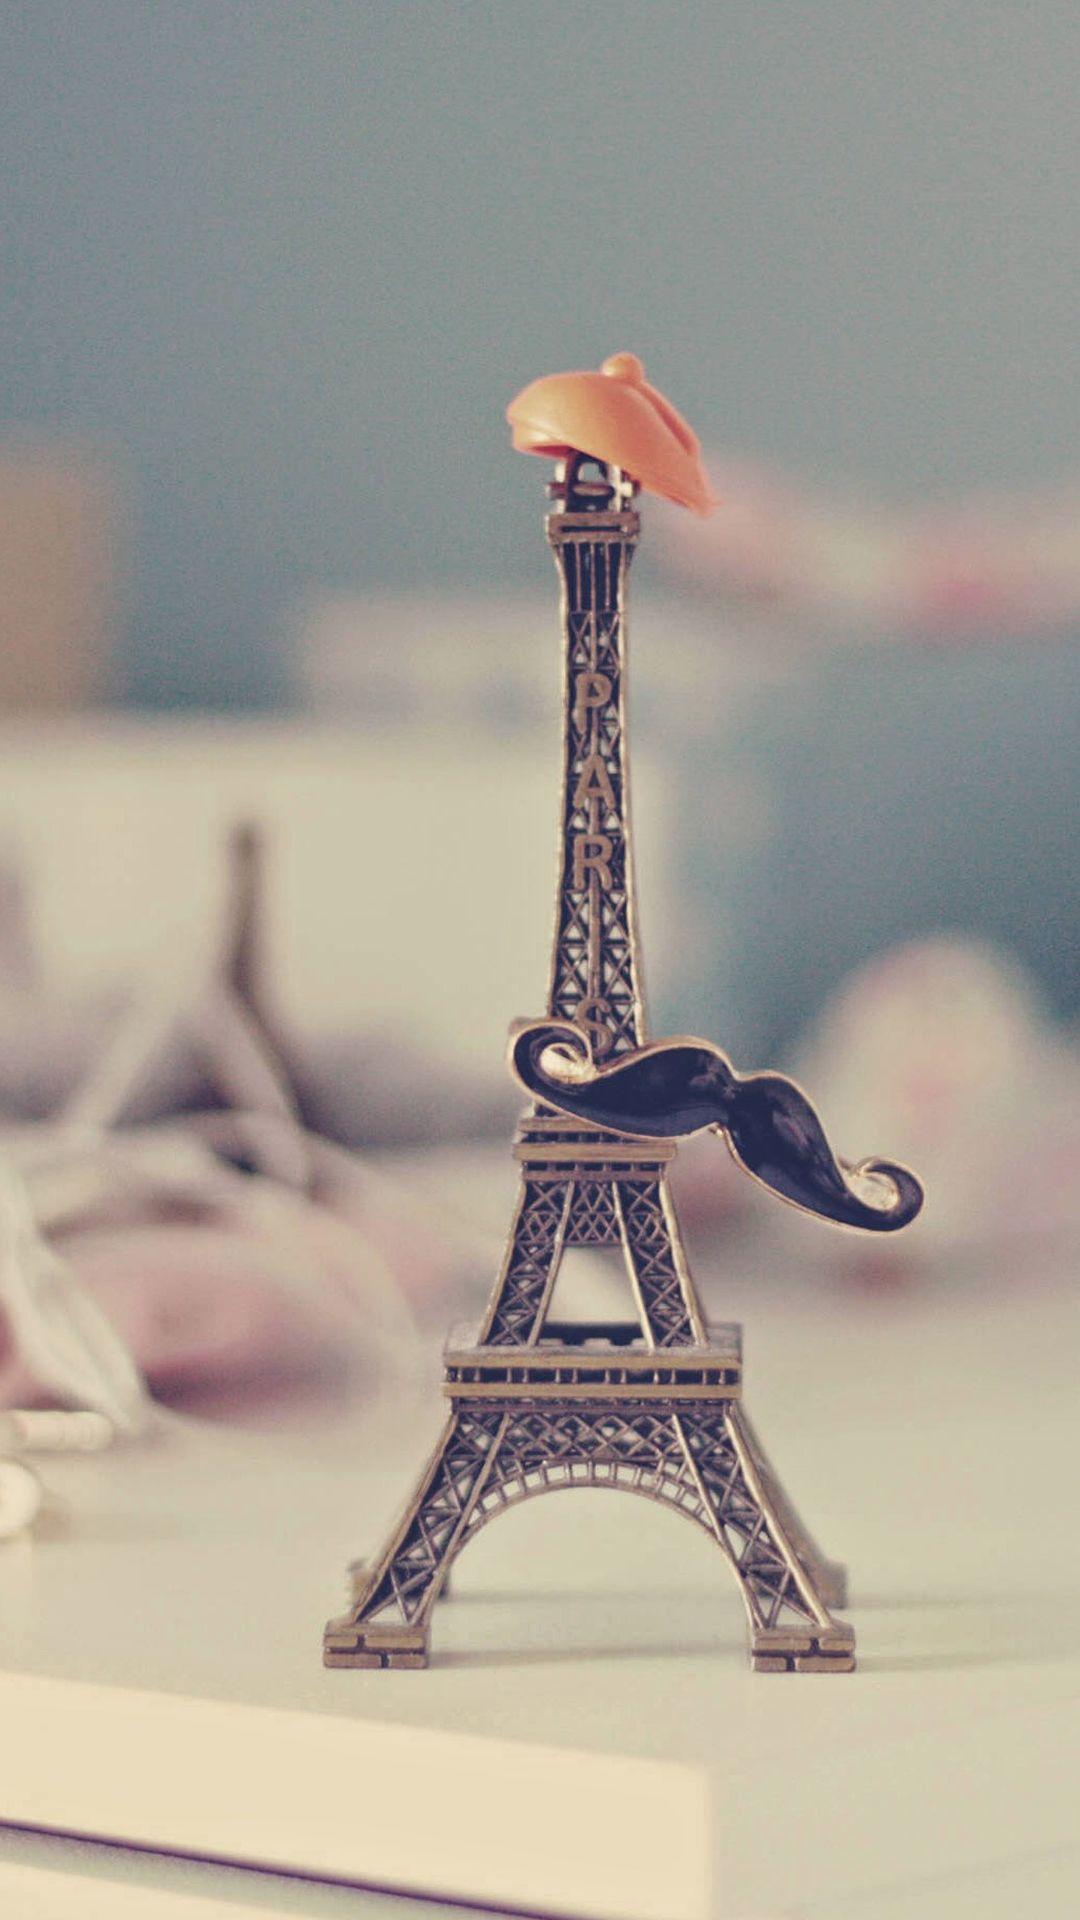 Eiffel Tower Moustache Hat Miniature Iphone 6 Plus Wallpaper